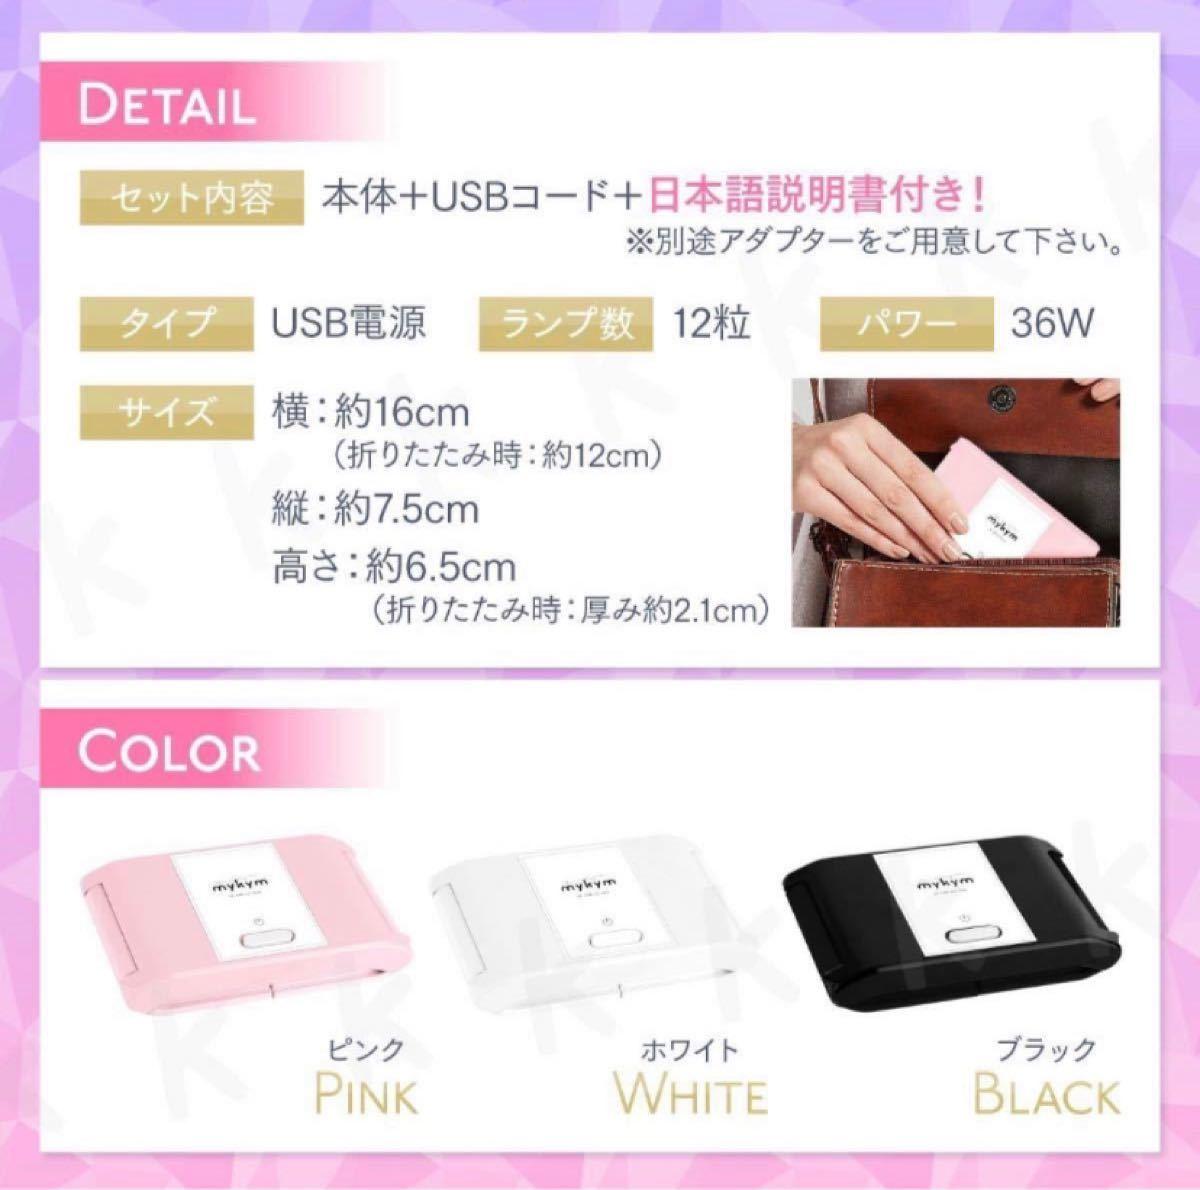 コンパクトネイルドライヤー mykym正規品 日本語説明書 付 pink